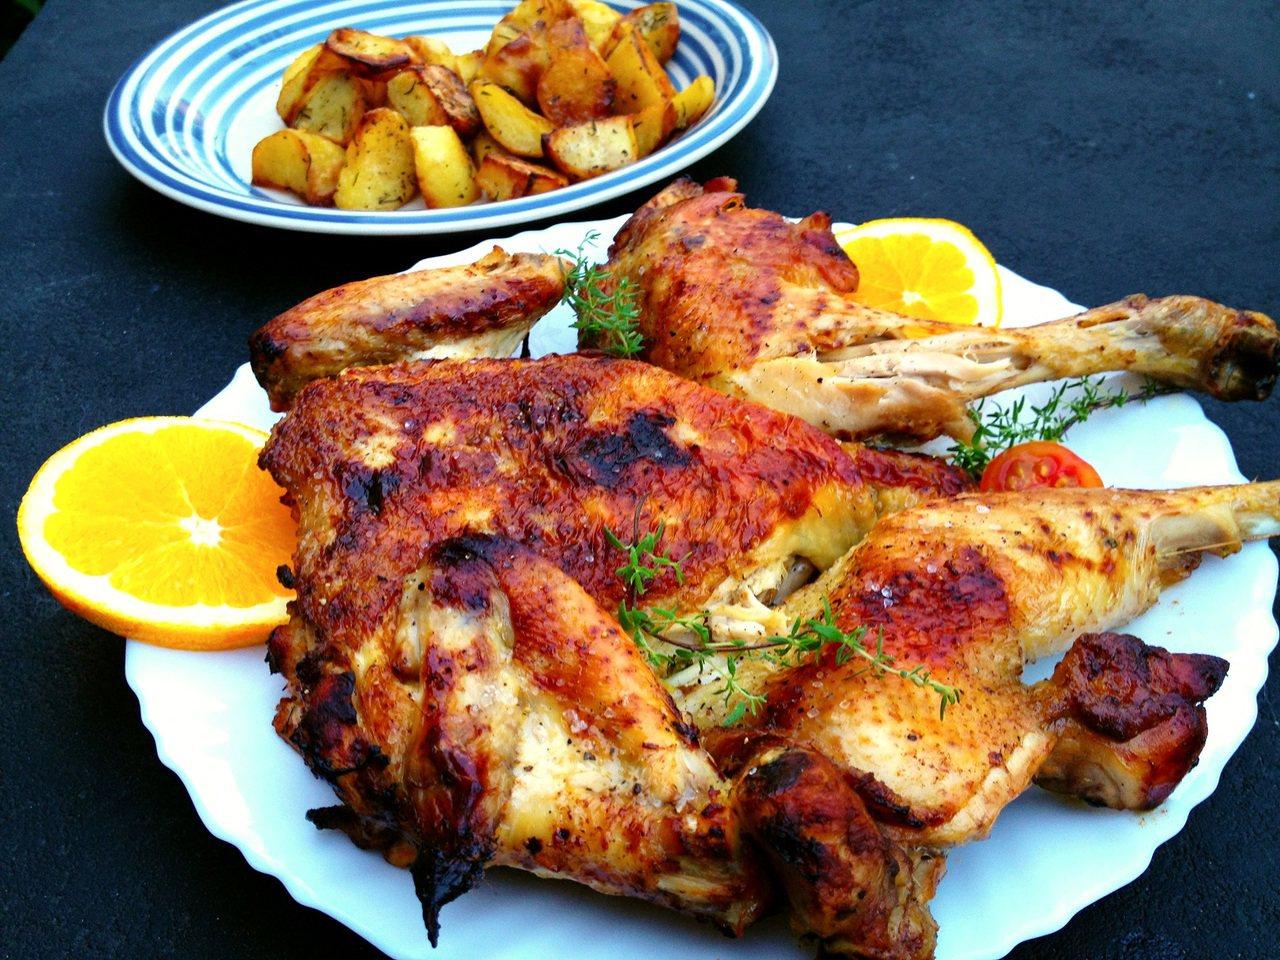 《獻給地獄廚房的情書》第10道 /受傷流血之必要:烤磚壓雞